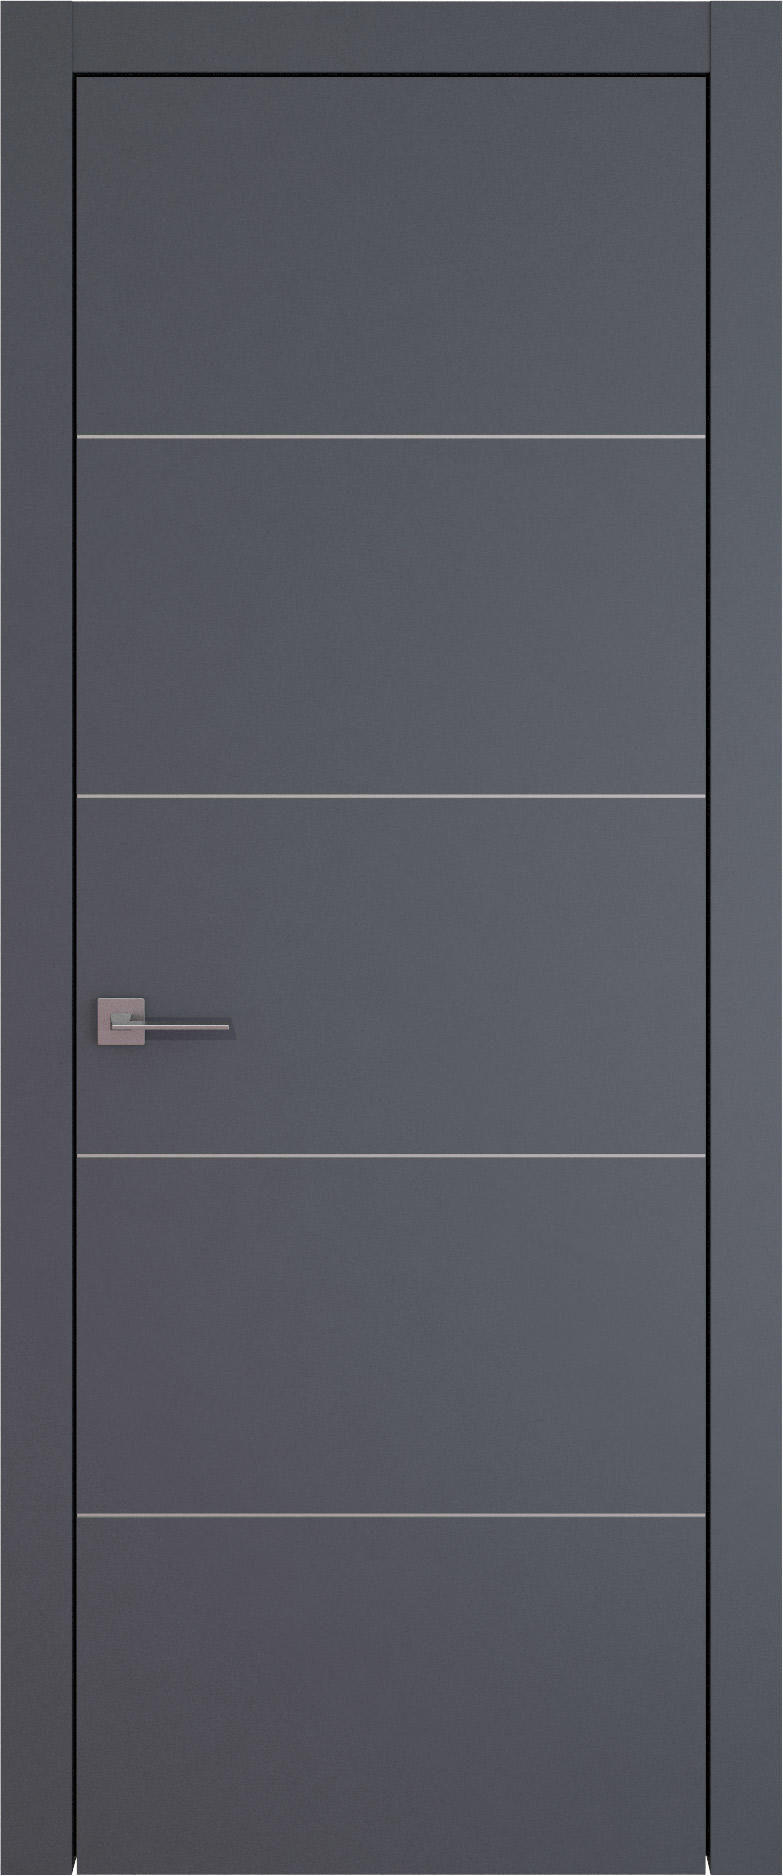 Tivoli Д-3 цвет - Графитово-серая эмаль (RAL 7024) Без стекла (ДГ)